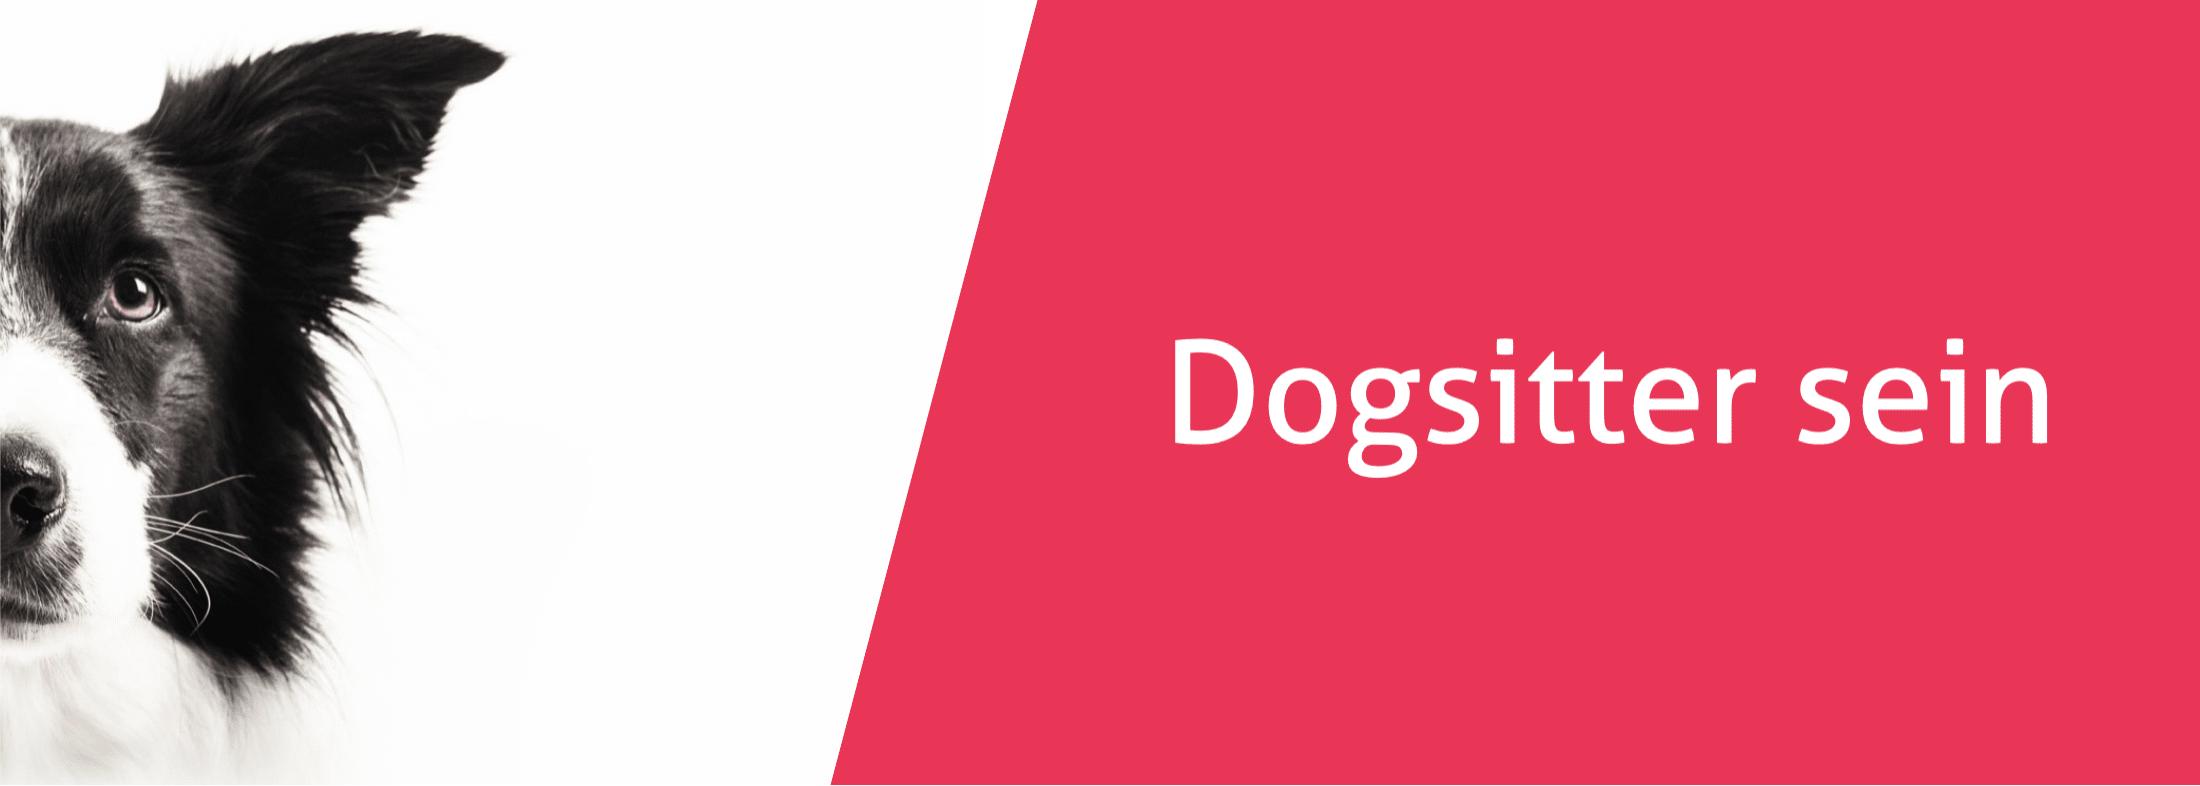 Dogsitter sein